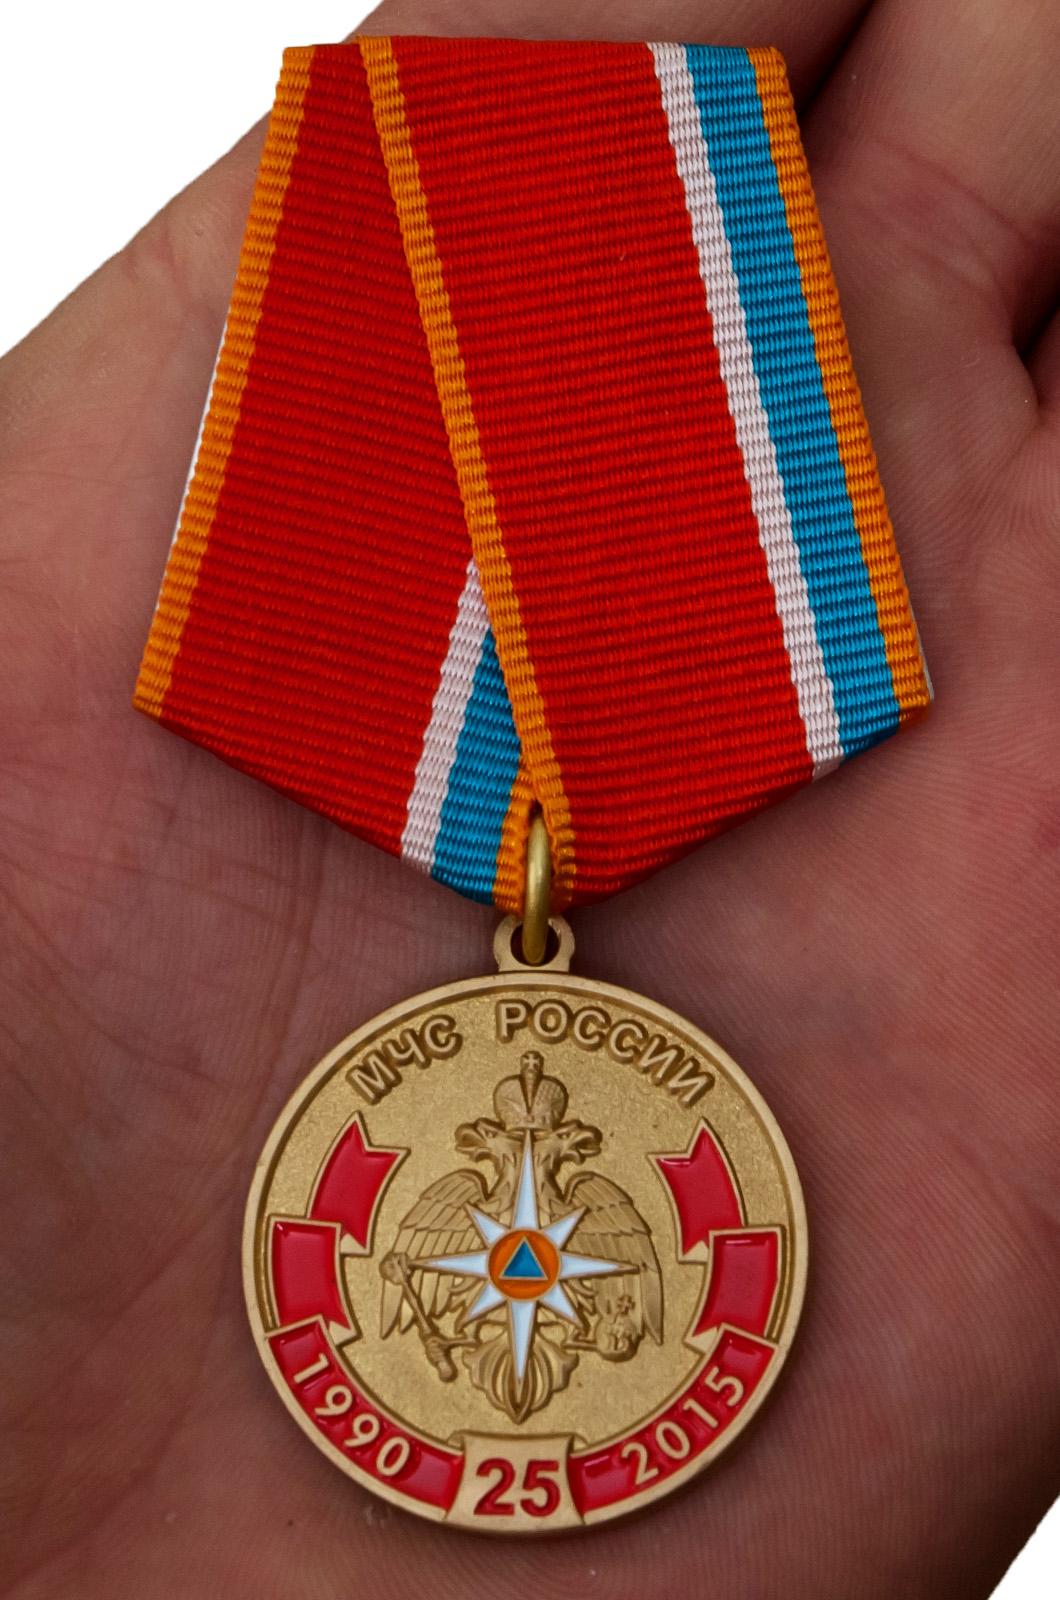 Юбилейная медаль МЧС России 25 лет - вид на ладони